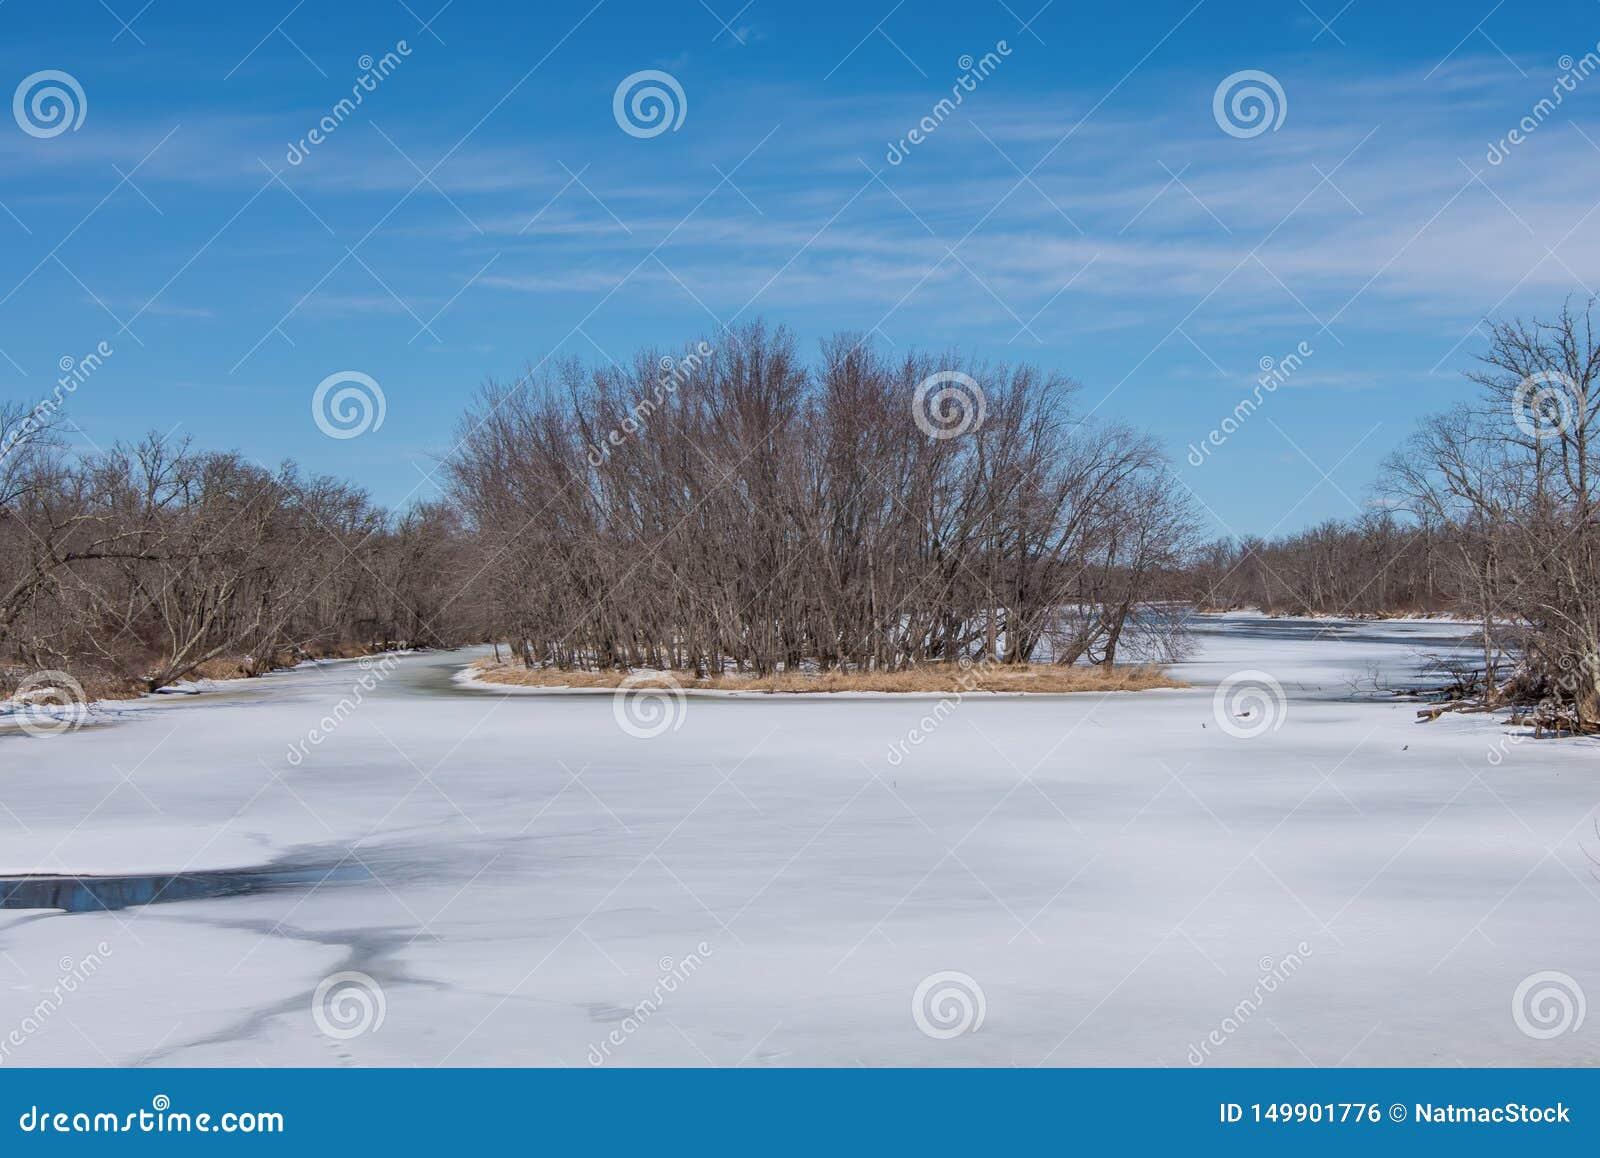 Weitwinkellandschaft von einer Insel im beträchtlichen St. Croix River mit Wisconsin auf der linken Küstenlinie und dem Minnesota